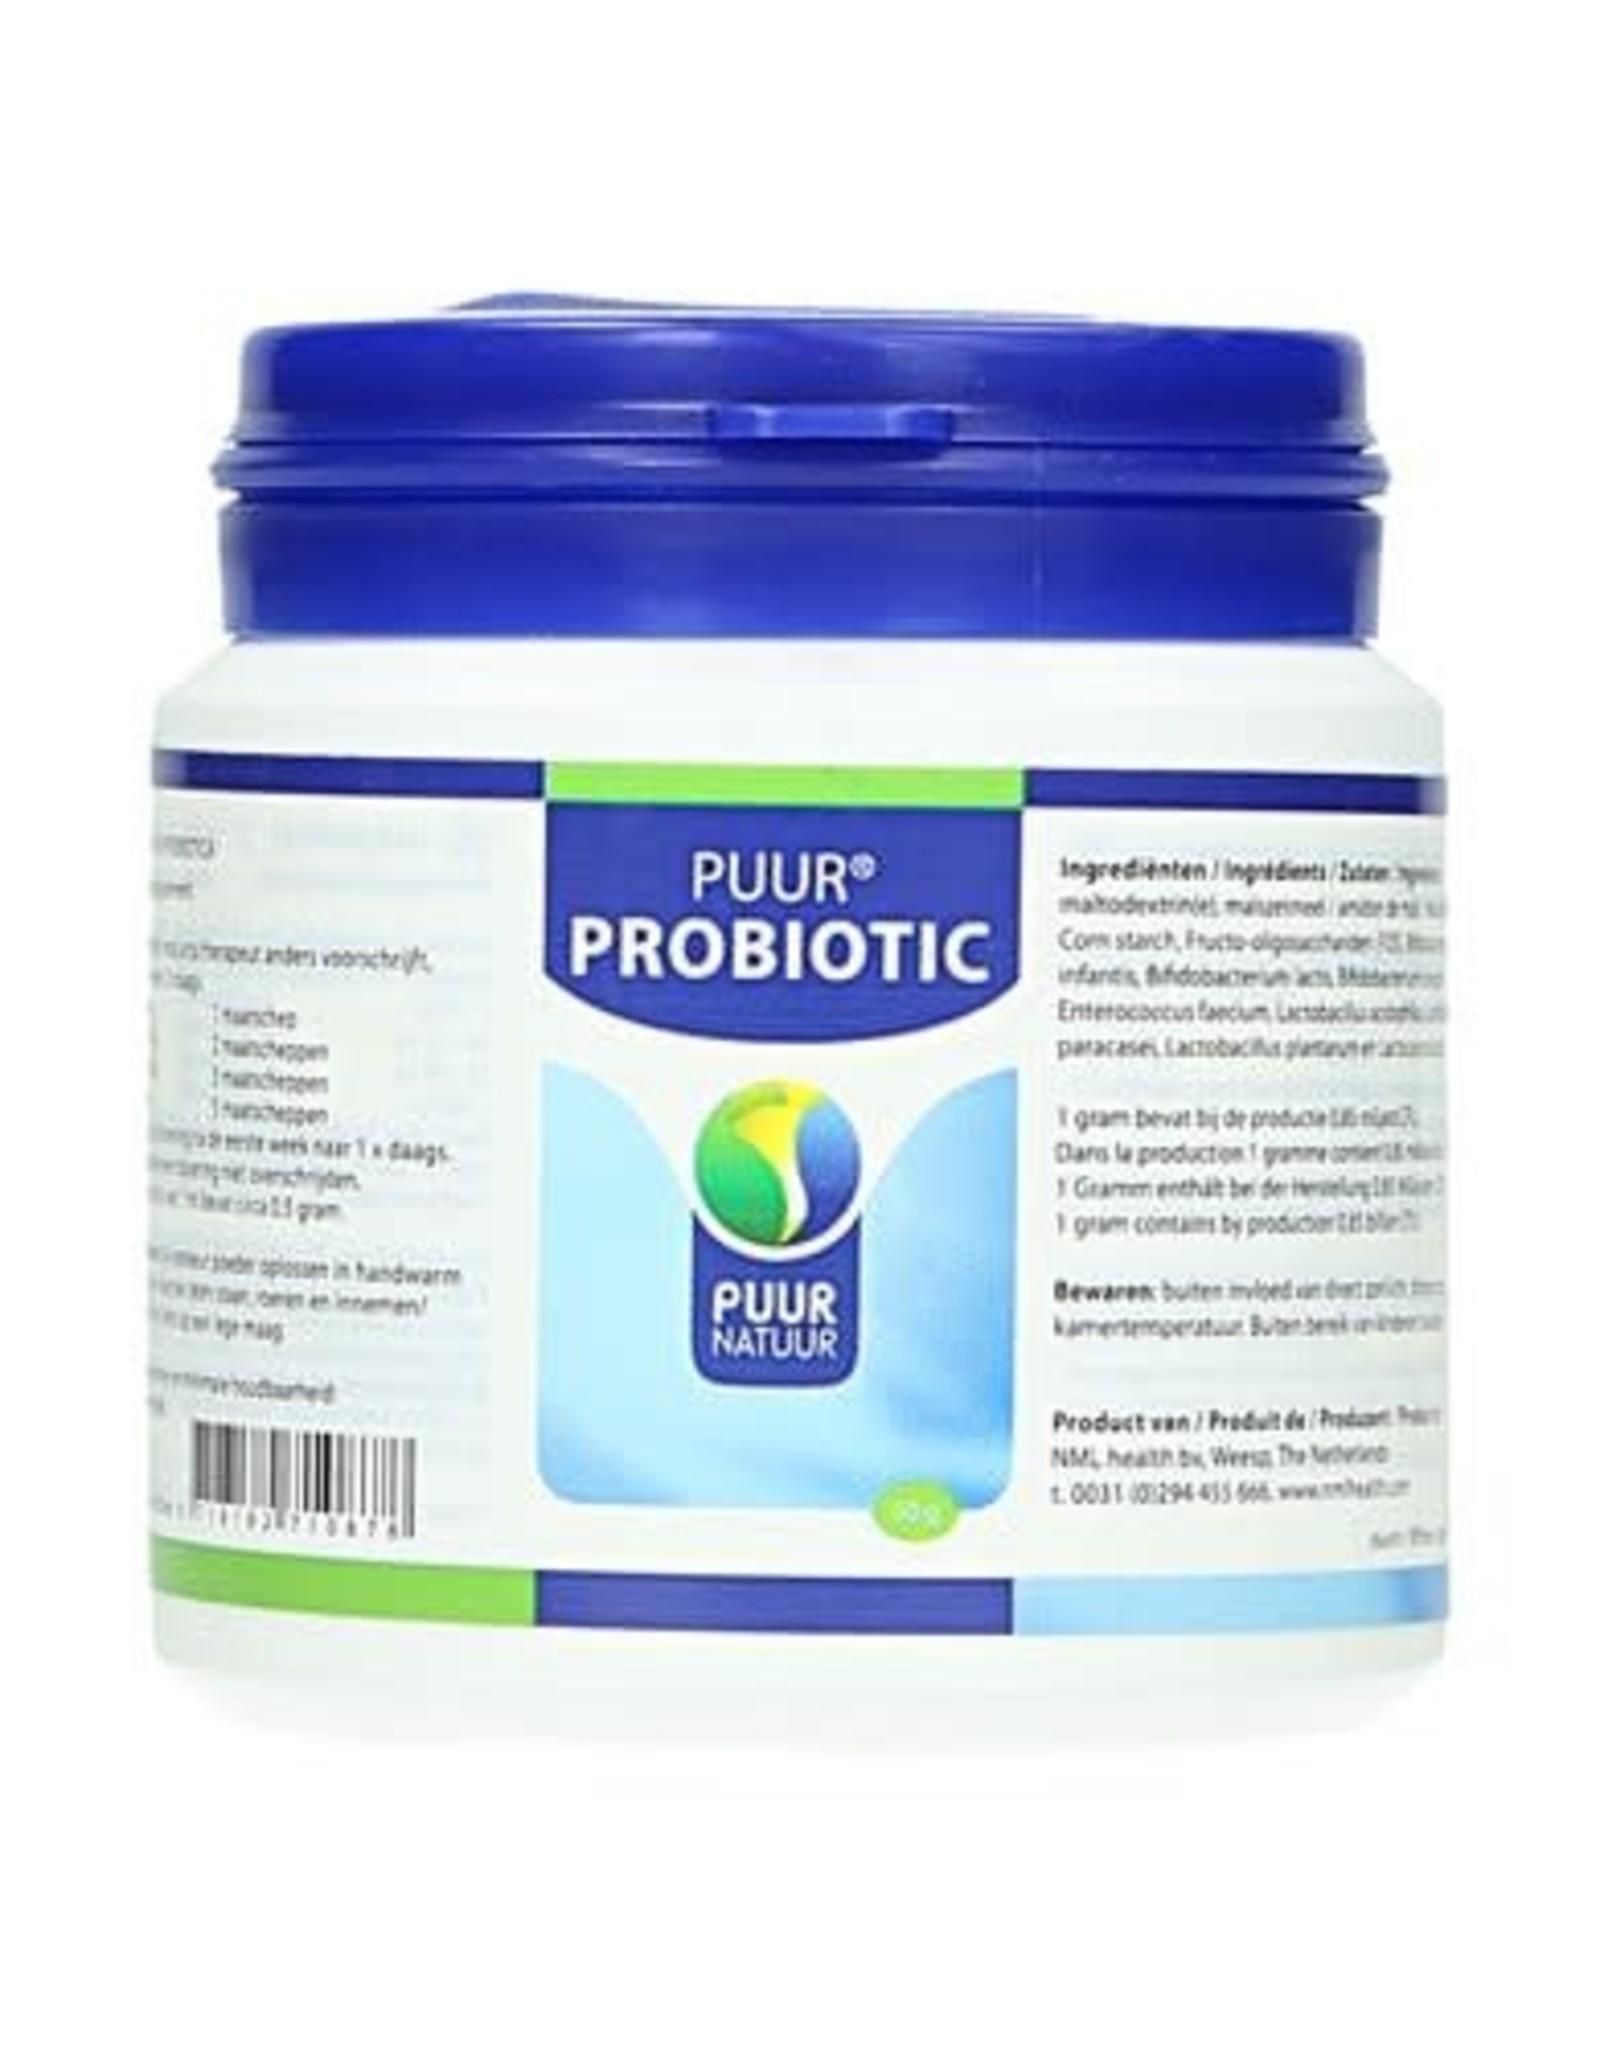 PUUR Probiotic / Probiotica  50 g